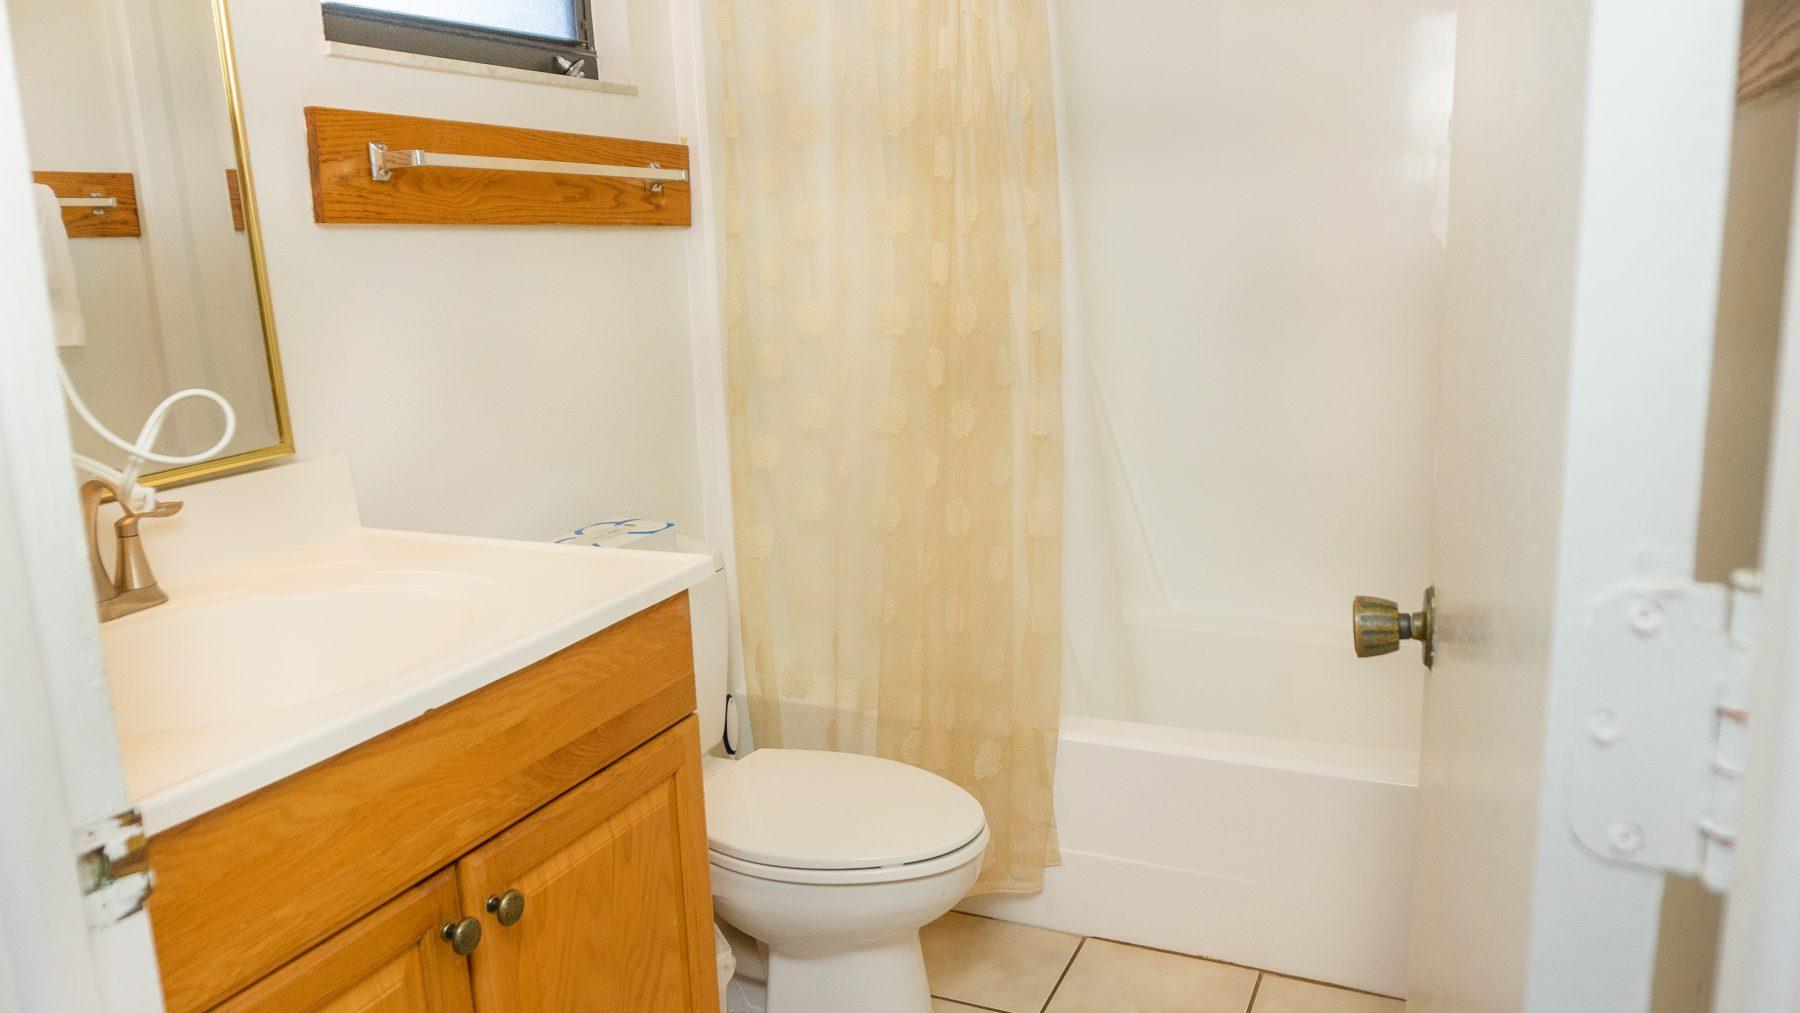 8 - 08 Bathroom